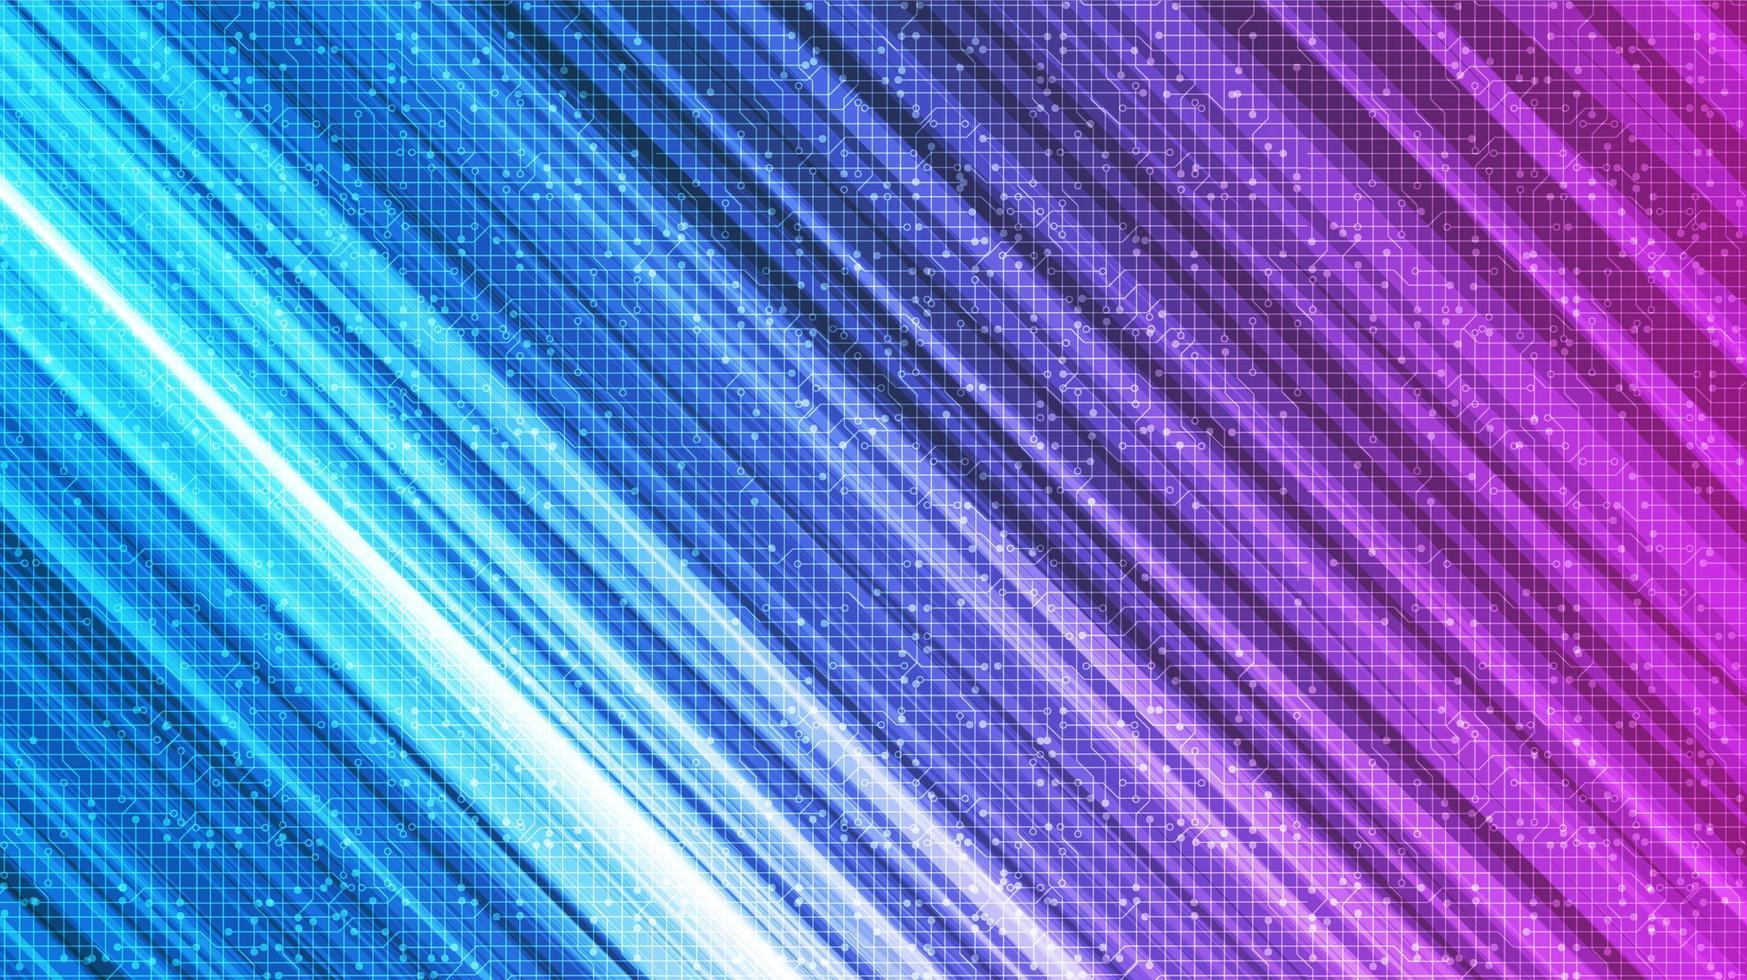 fond de technologie de lumière de vitesse, conception de concept numérique et de communication de haute technologie vecteur